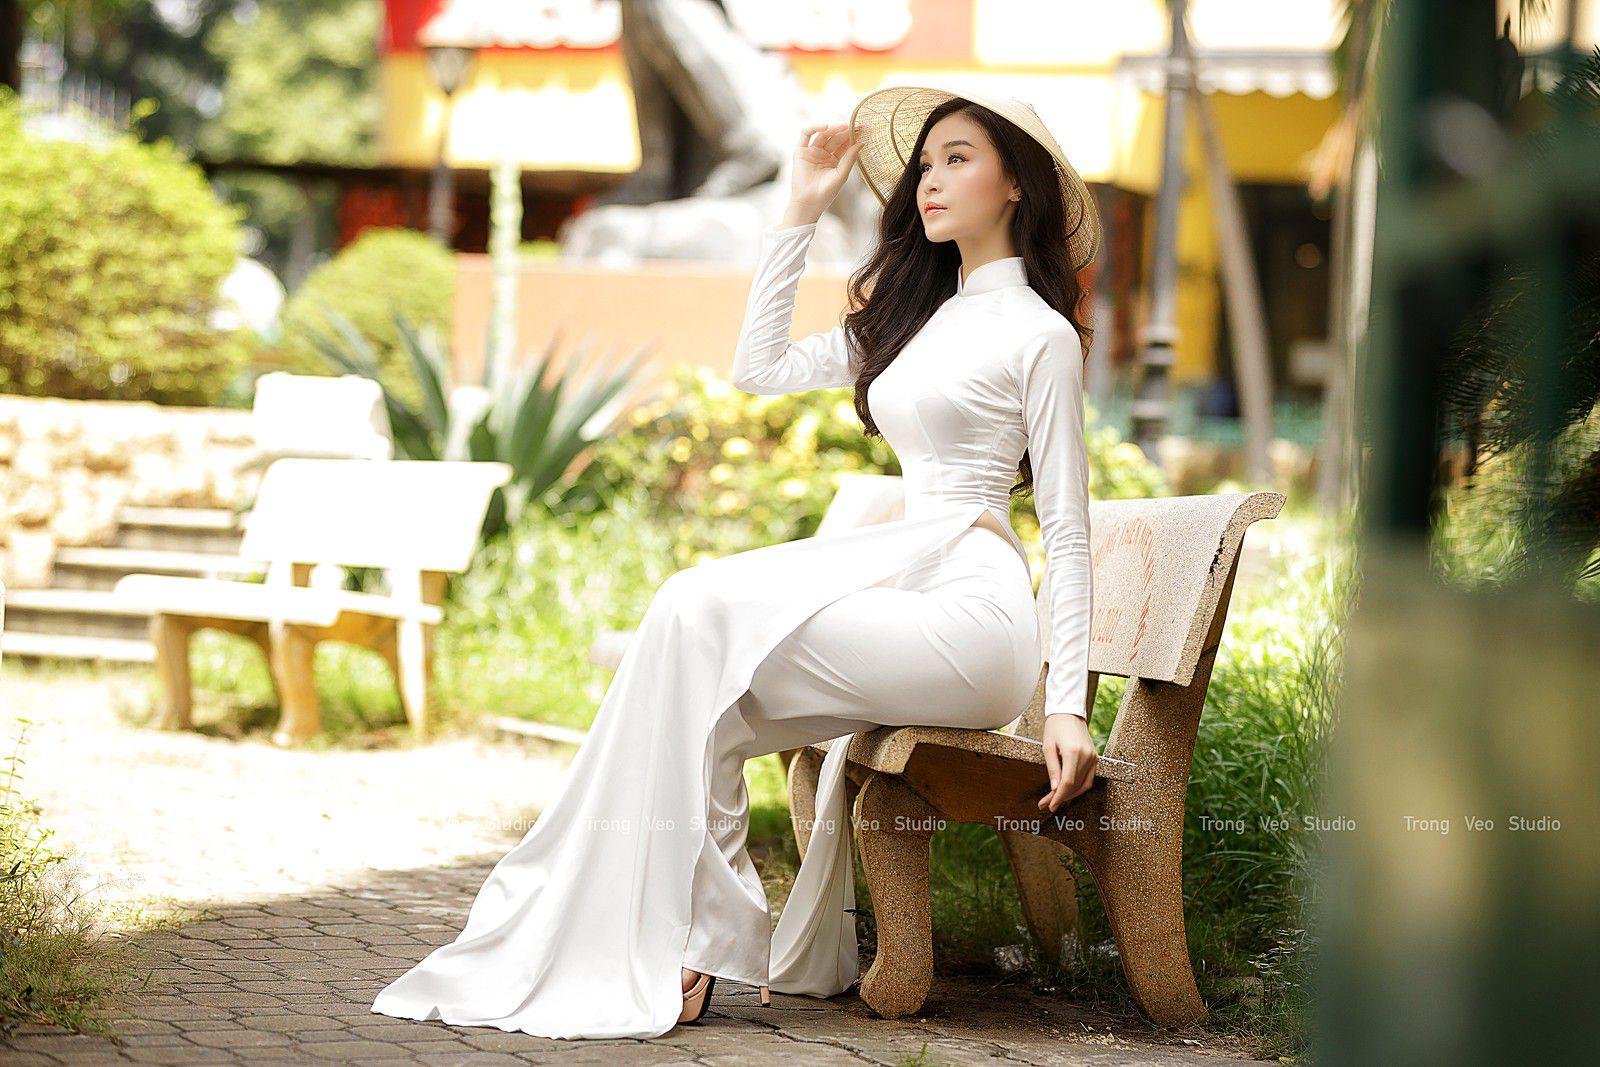 Ngắm bộ ảnh hoa khôi Phương Đoan đẹp hú hồn trong tà áo dài trắng thướt tha 2